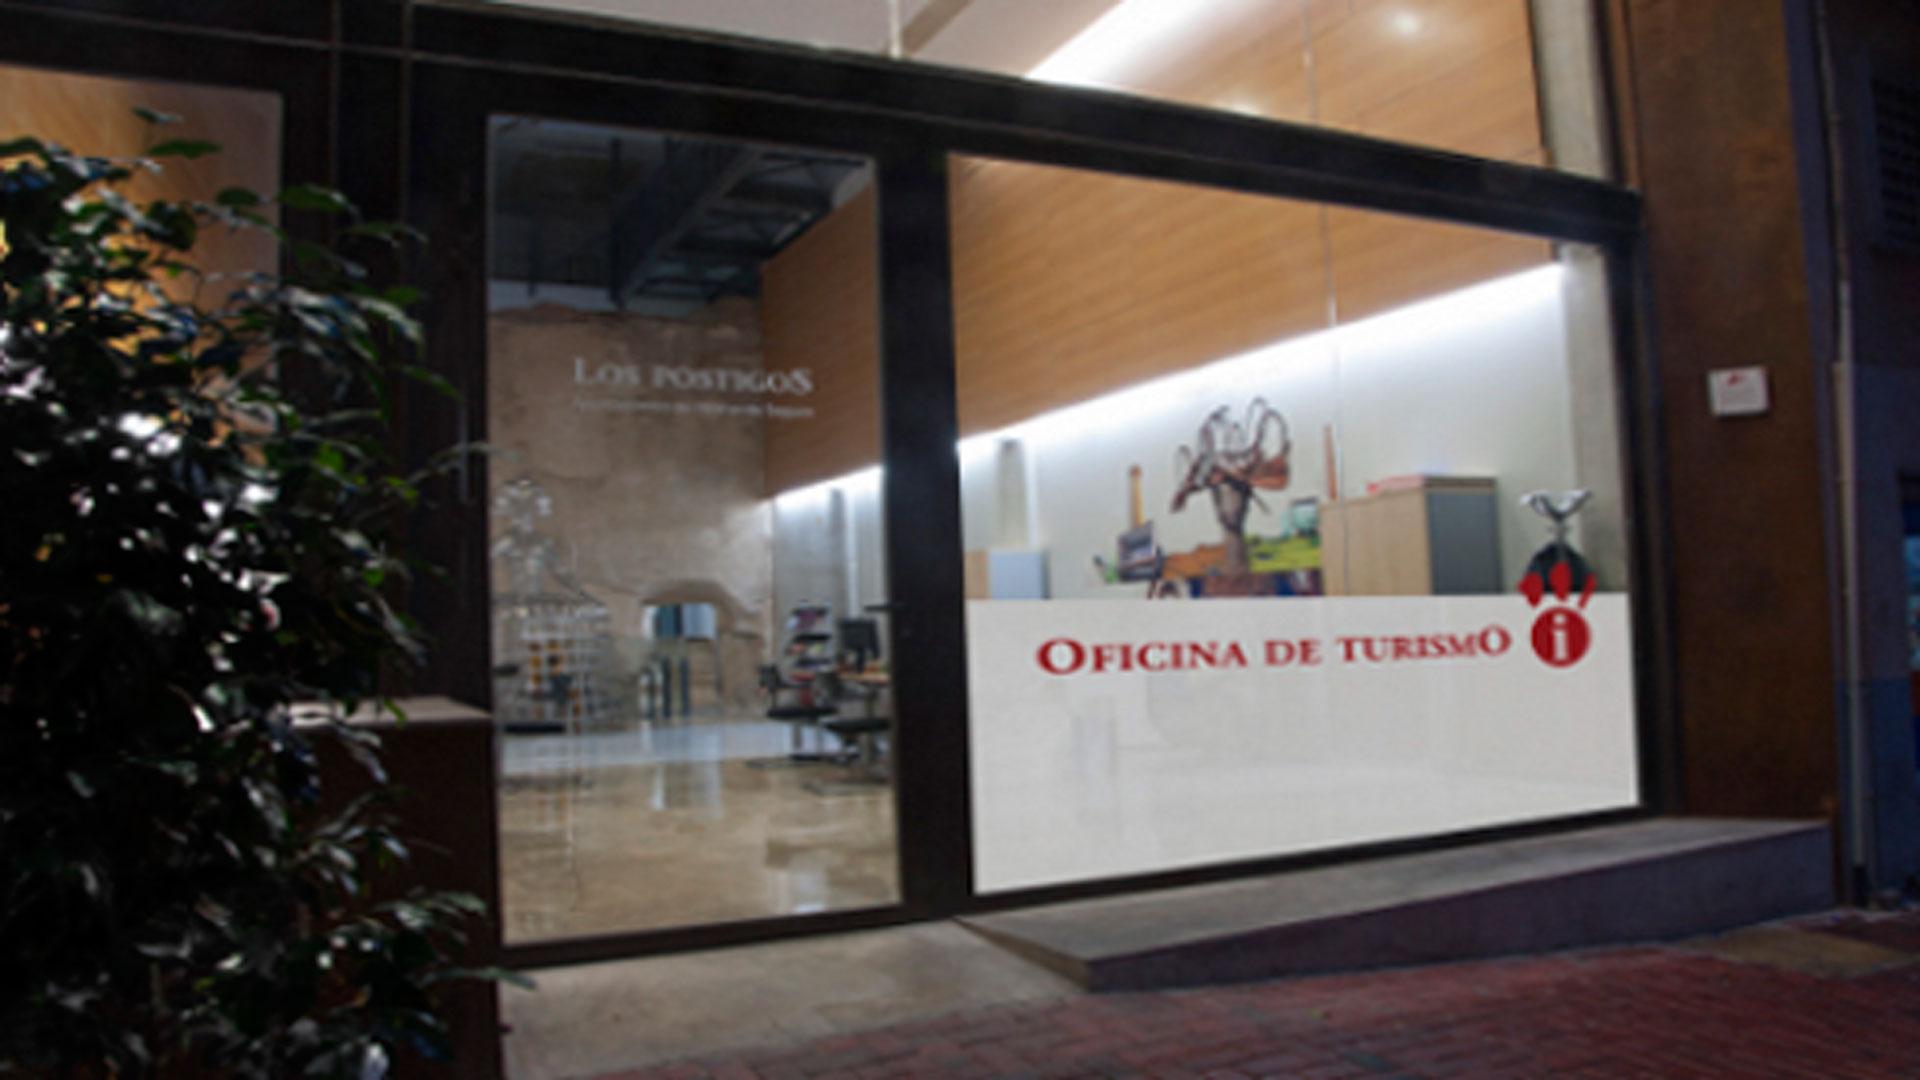 La-oficina-de-turismo-de-Molina-de-Segura-1920